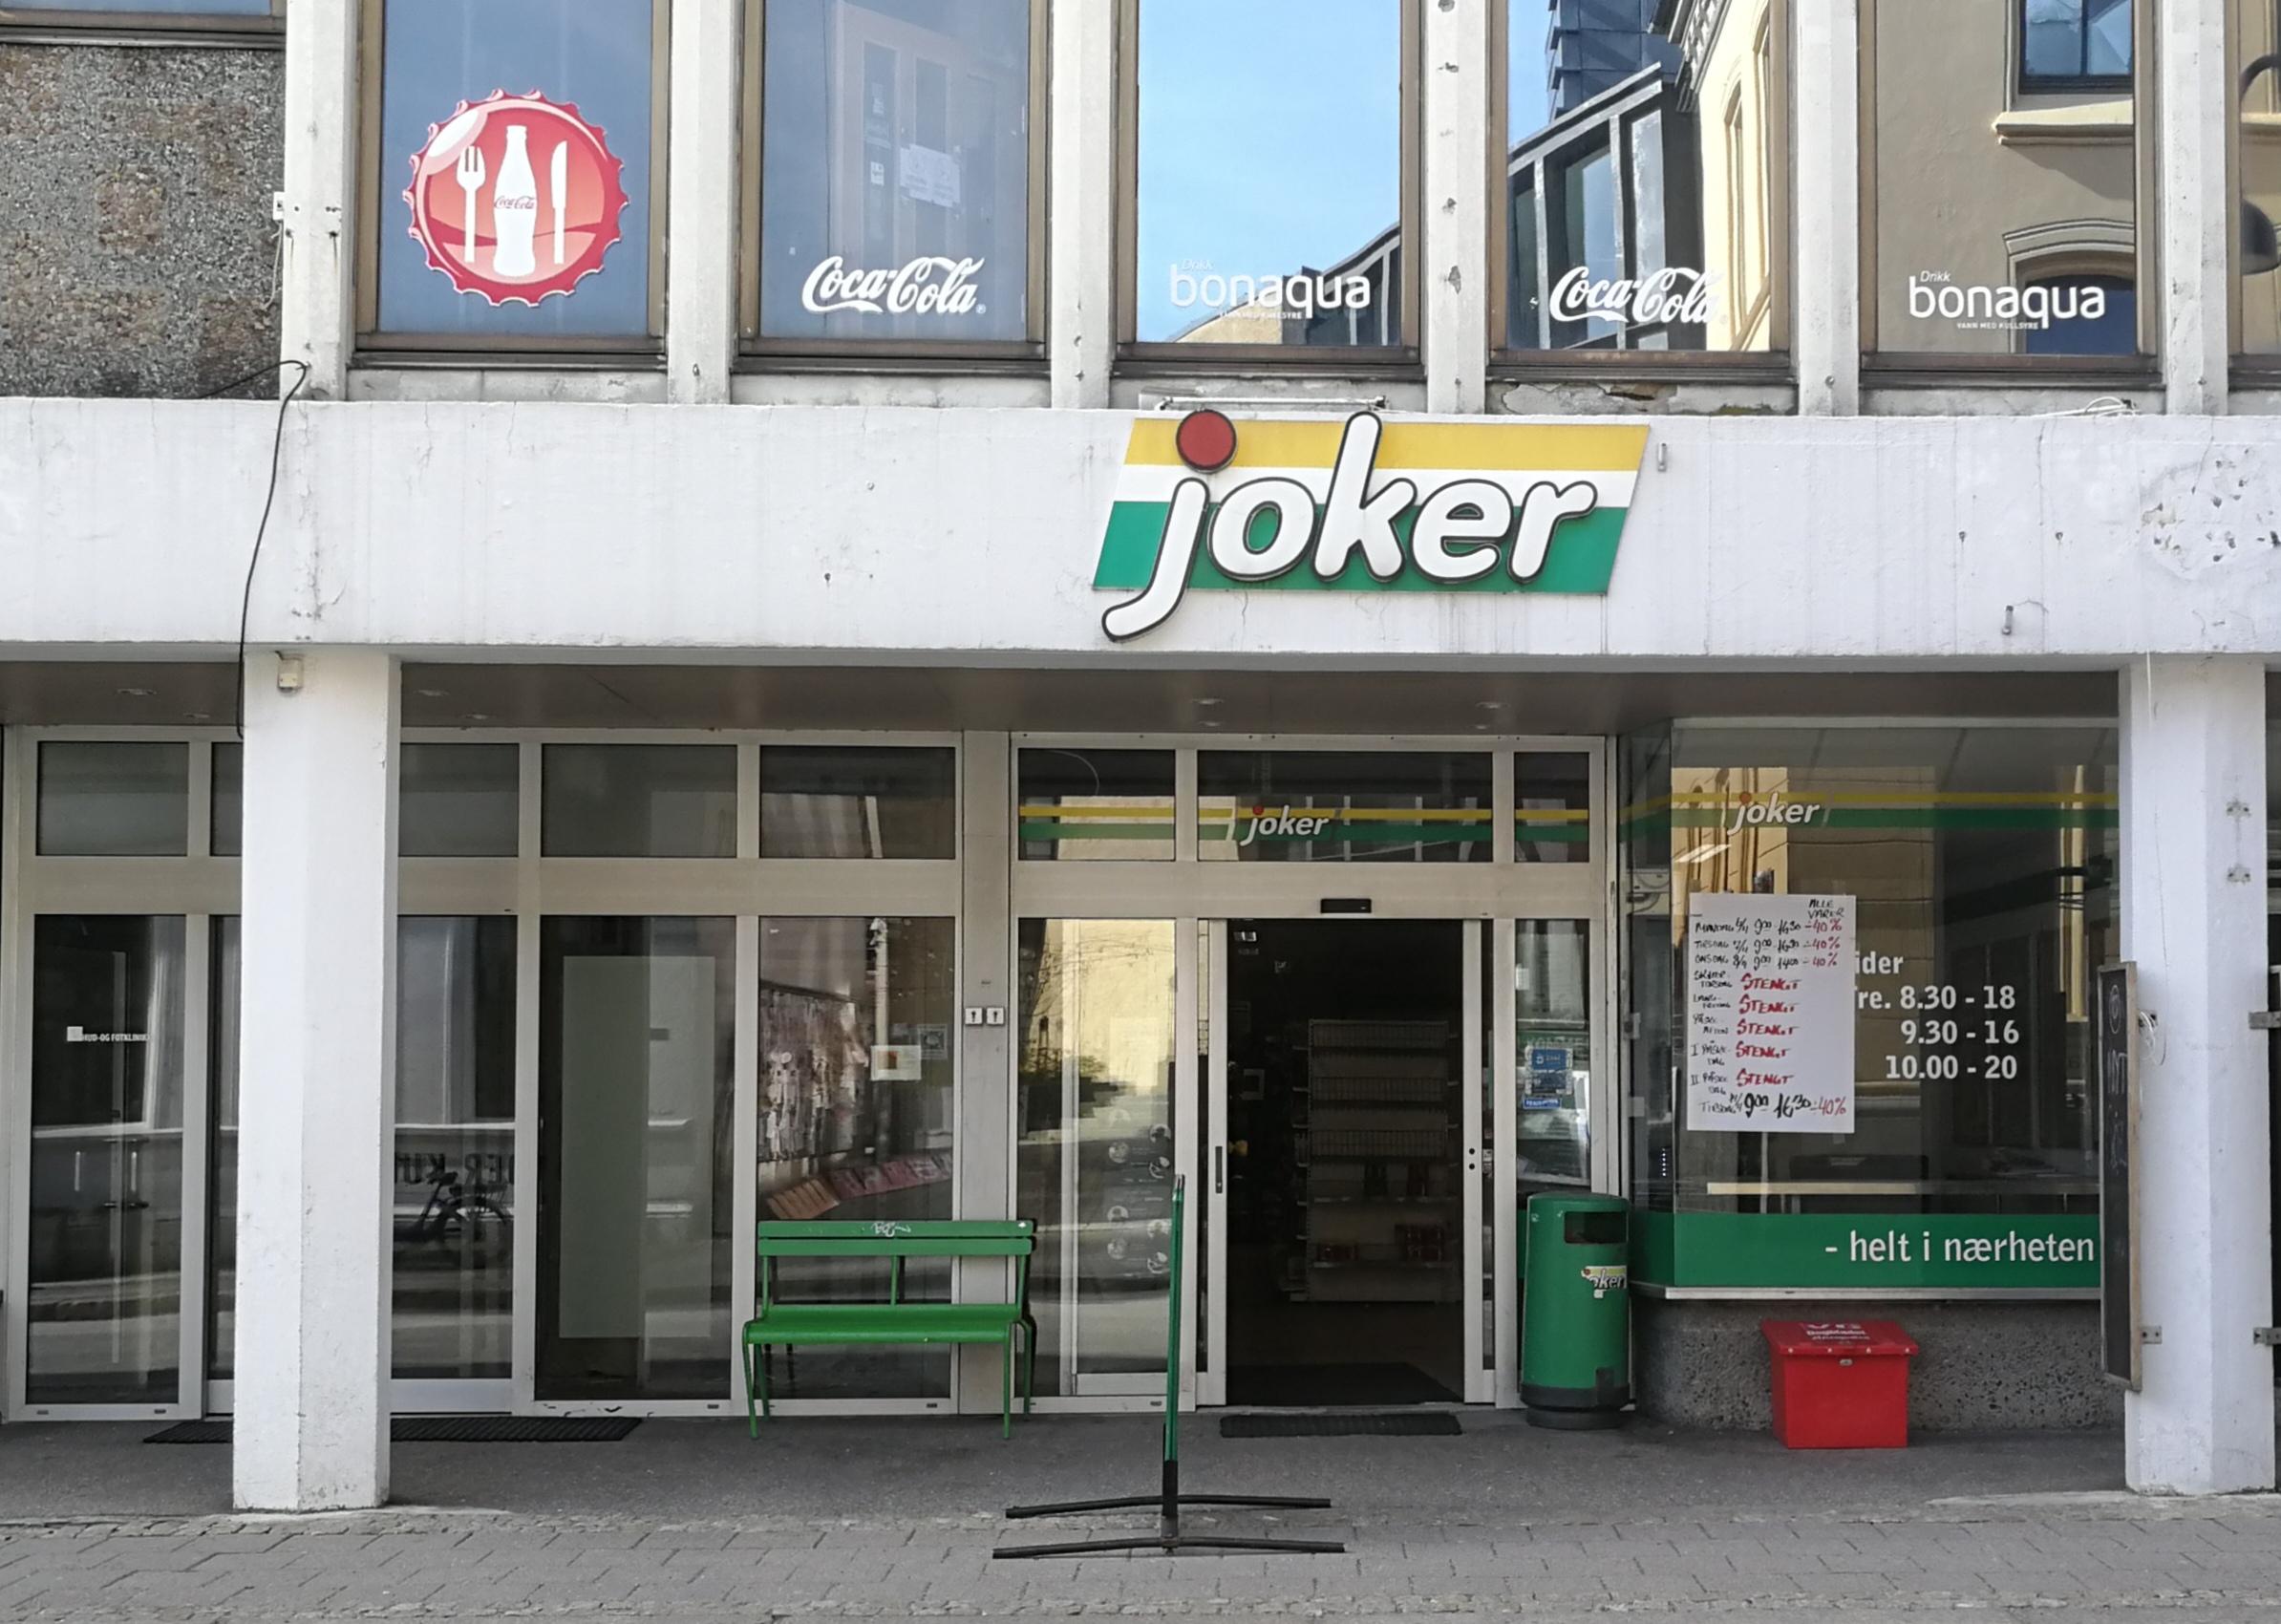 FLYTTER: Joker Skippergata Må Flytte Fordi Bygget Skal Rives. Butikken Får Nye Lokaler I Lille Markens.